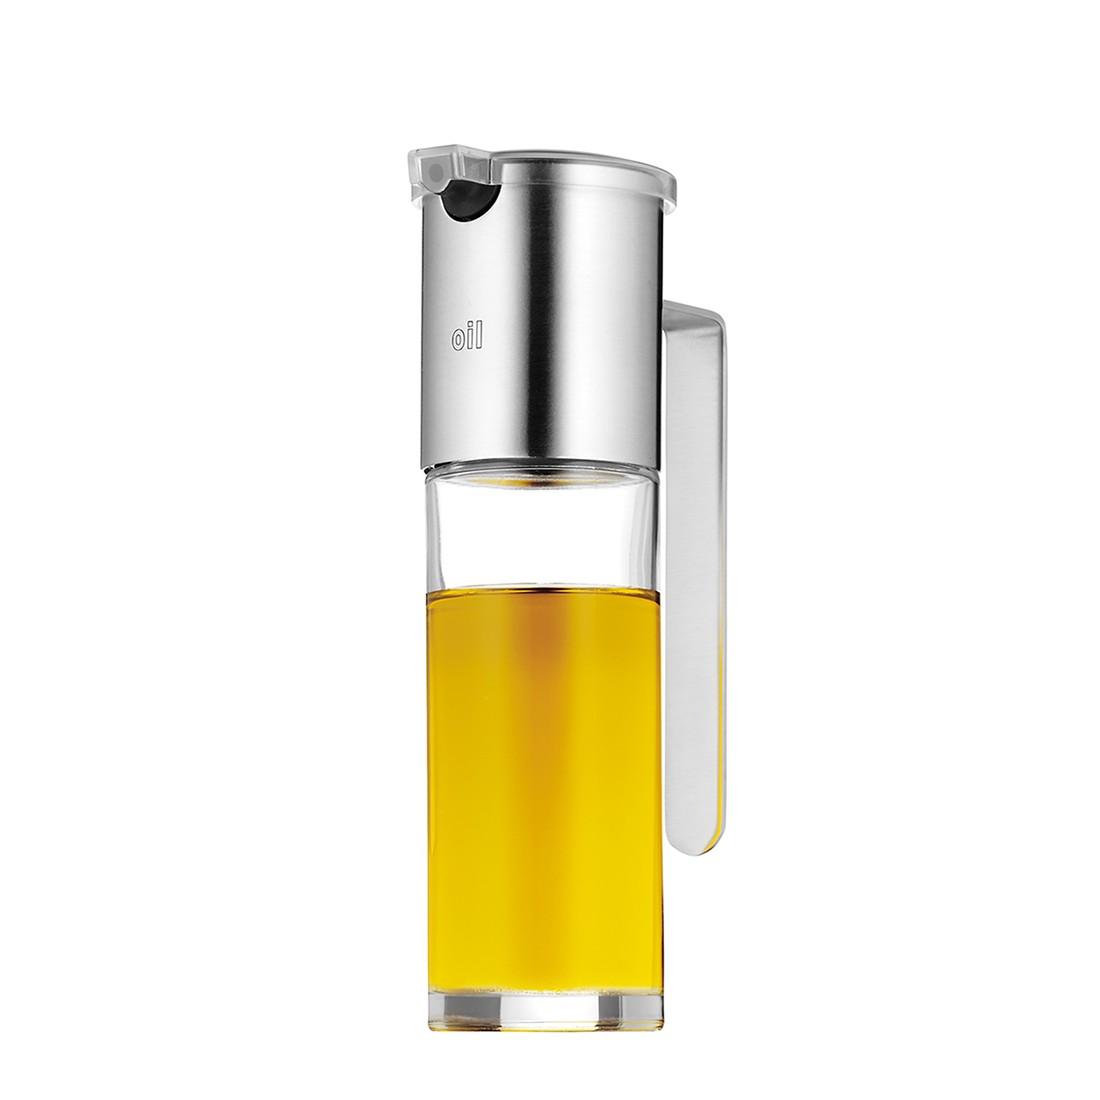 Öldosierer (2-teilig) Basic, WMF online kaufen